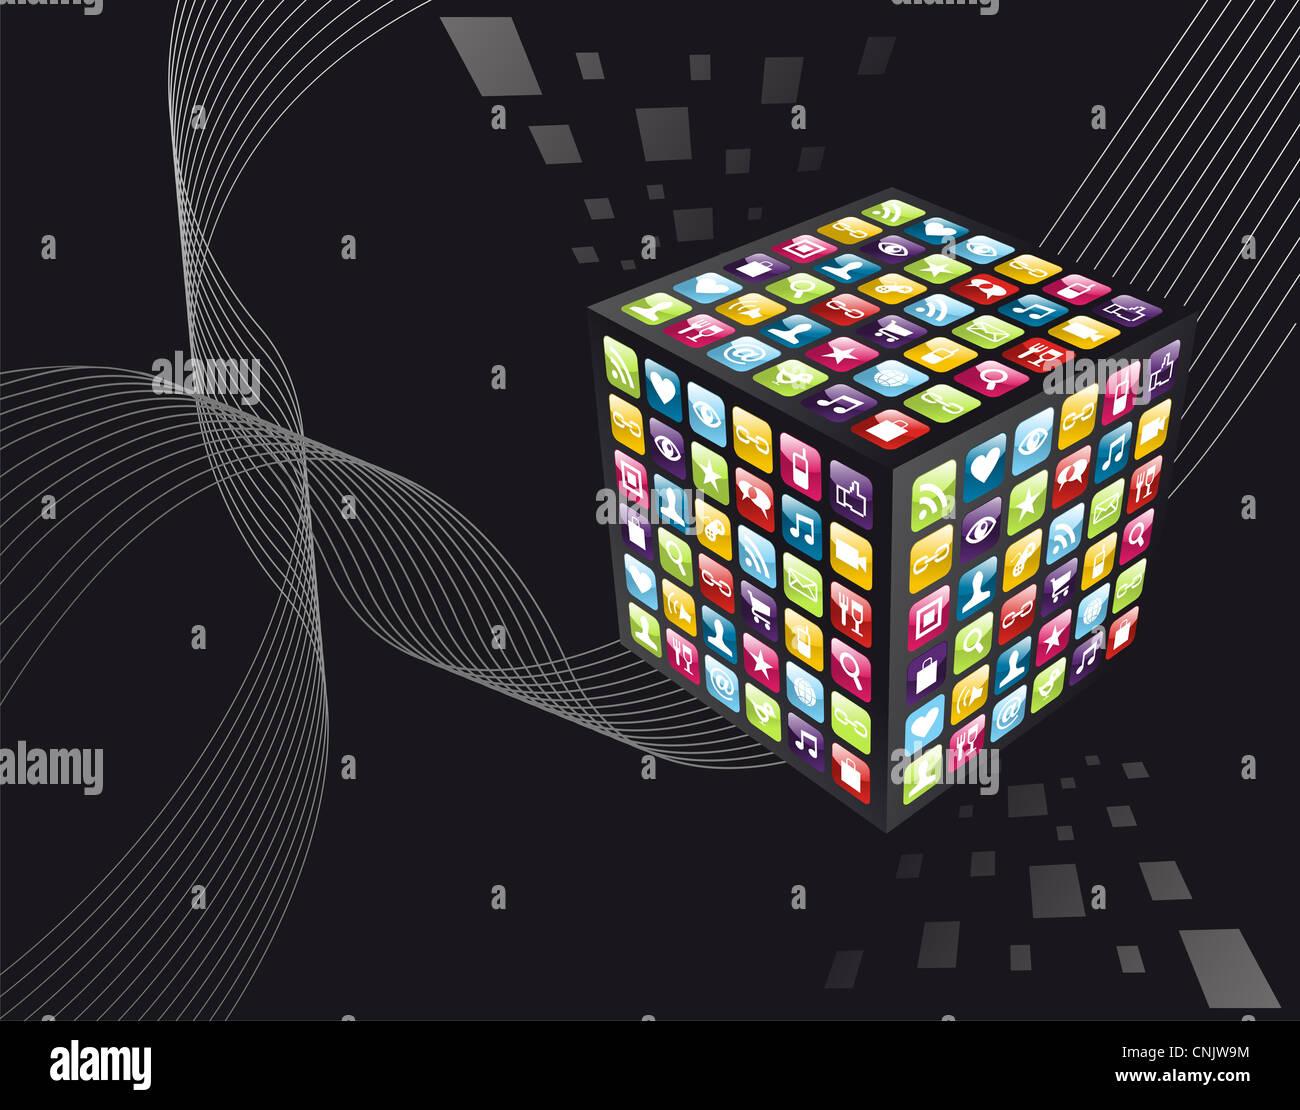 Applicazione Smartphone Le Icone A Forma Di Cubo Su Sfondo Nero